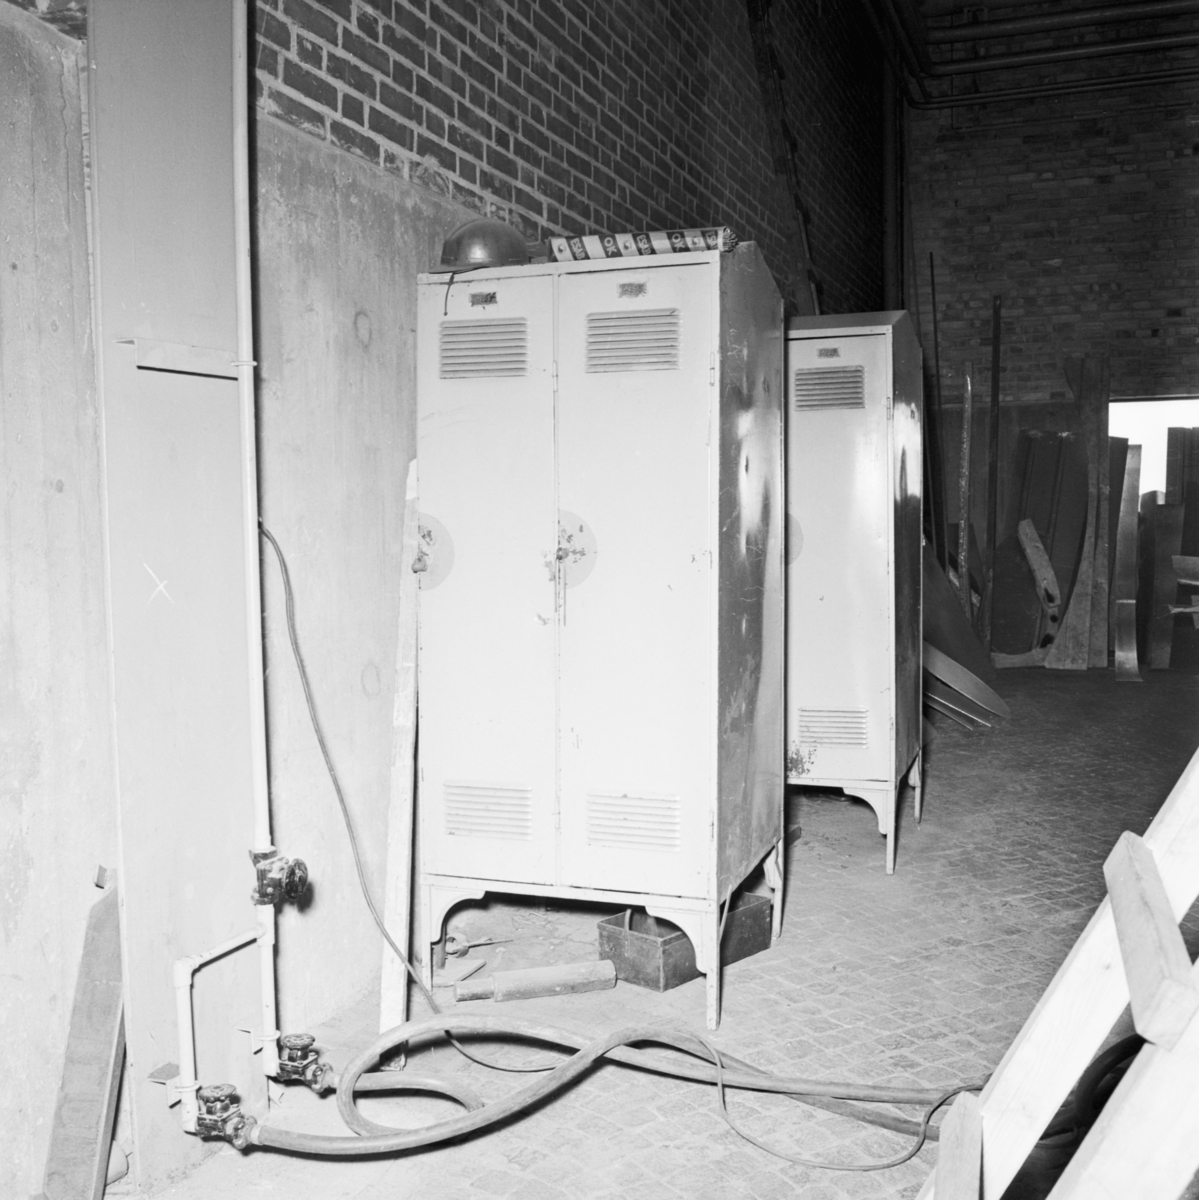 Övrigt: Foto datum: 13/6 1966 Byggnader och kranar Oreda och skräp i svets och plåtverkstan